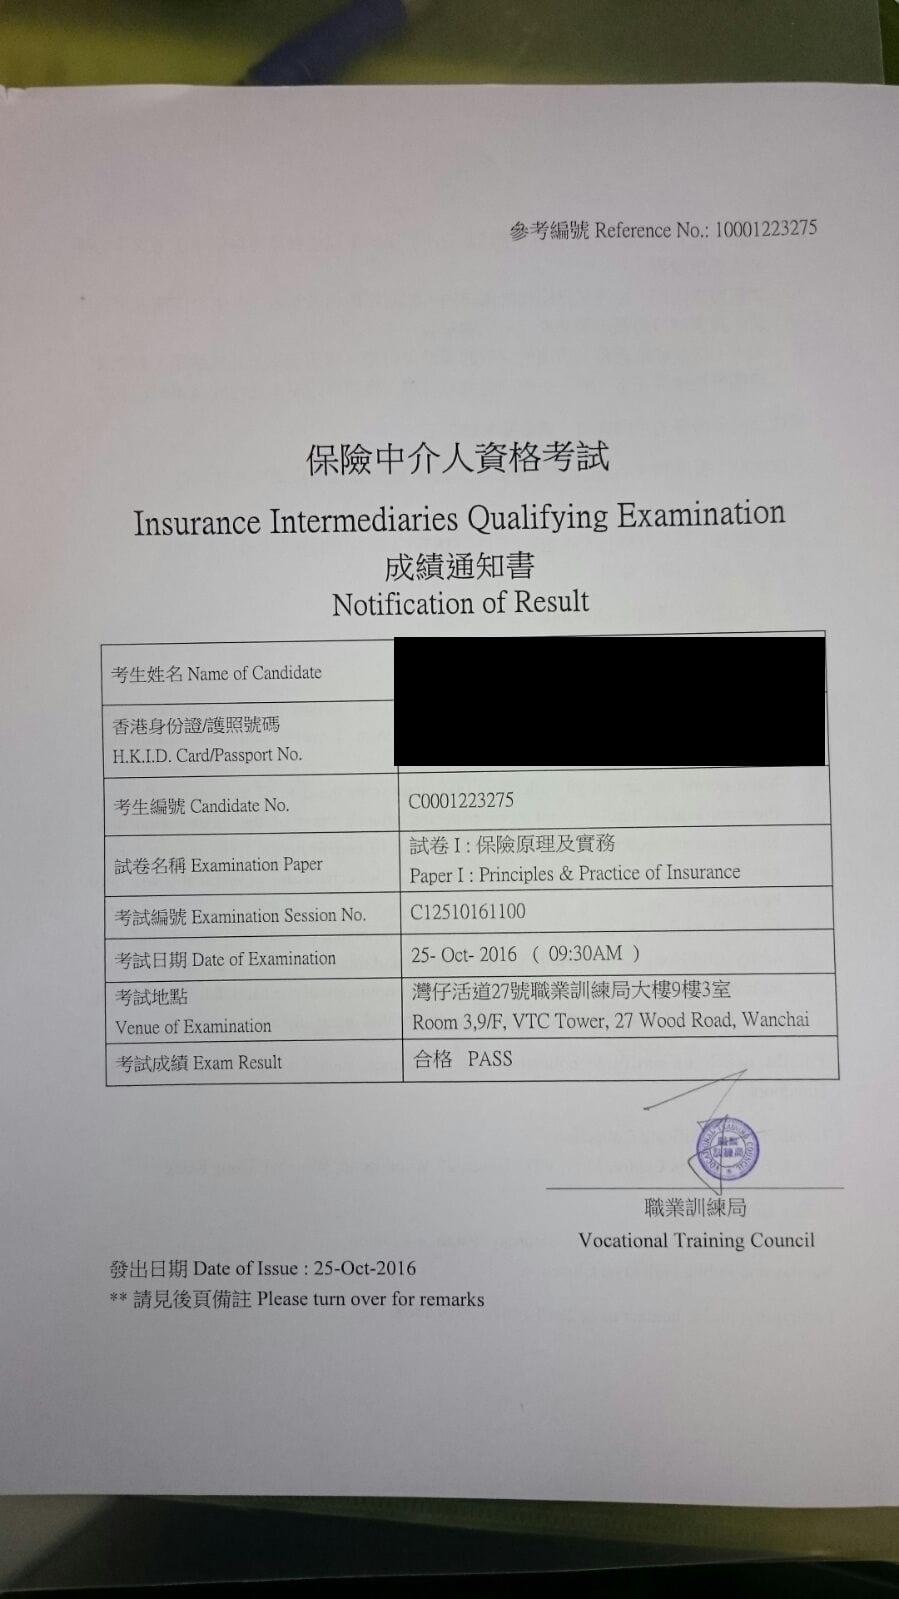 LSM 26/10/2016 IIQE Paper 1 保險中介人資格考試卷一 Pass